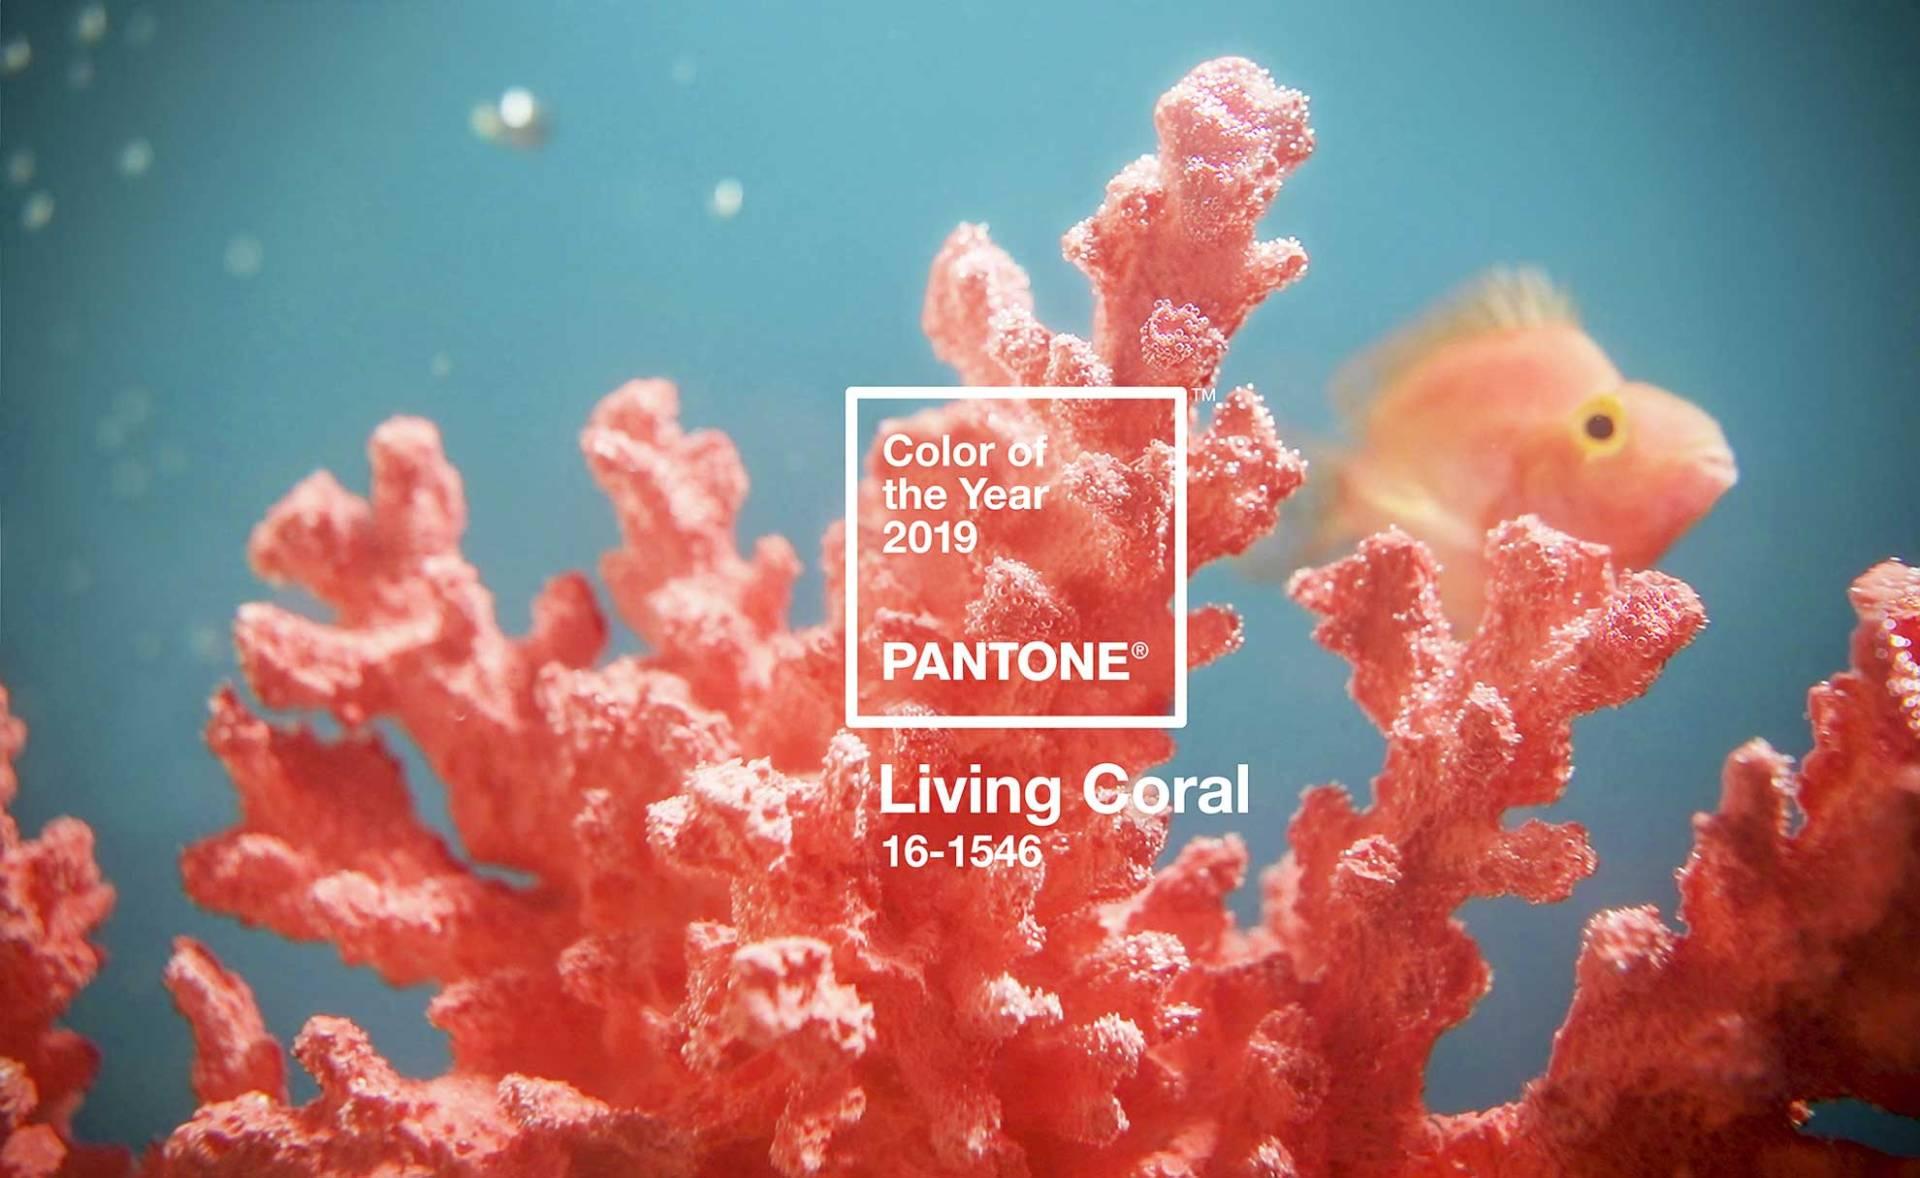 Az év színe a Pantonetól és egy kis színpszichológia - Élénk korall